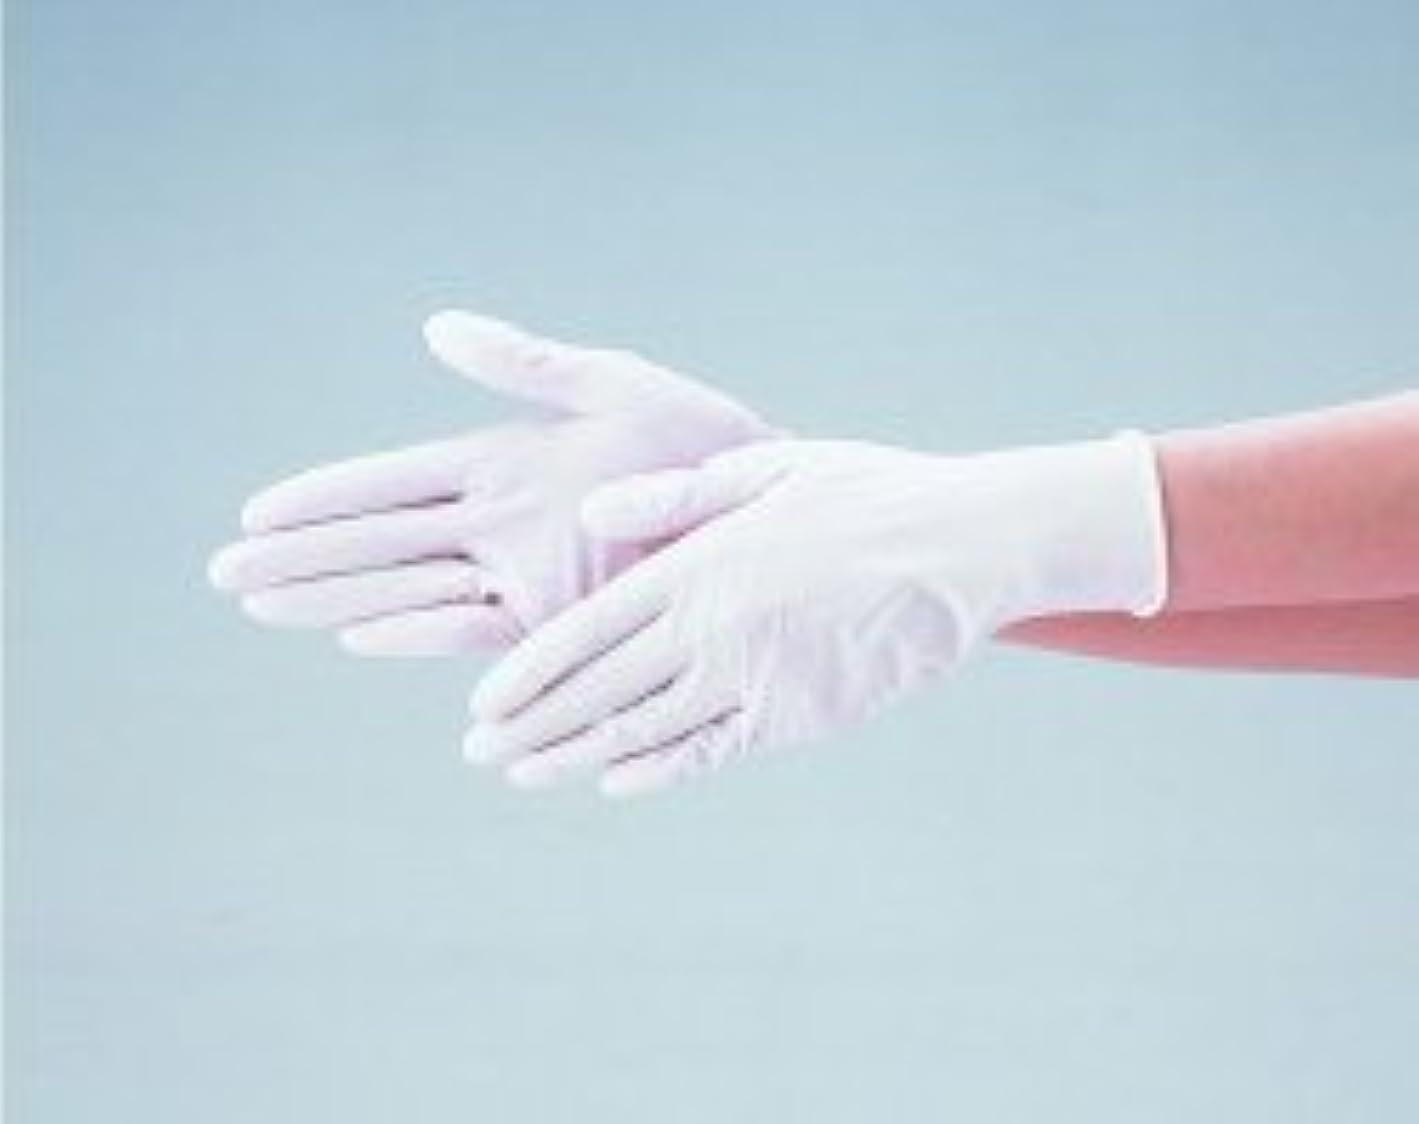 問題楽しむ種類エブノ ニトリル手袋 No.525 M 白 (100枚入×20箱) ディスポニトリル パウダーフリー ホワイト